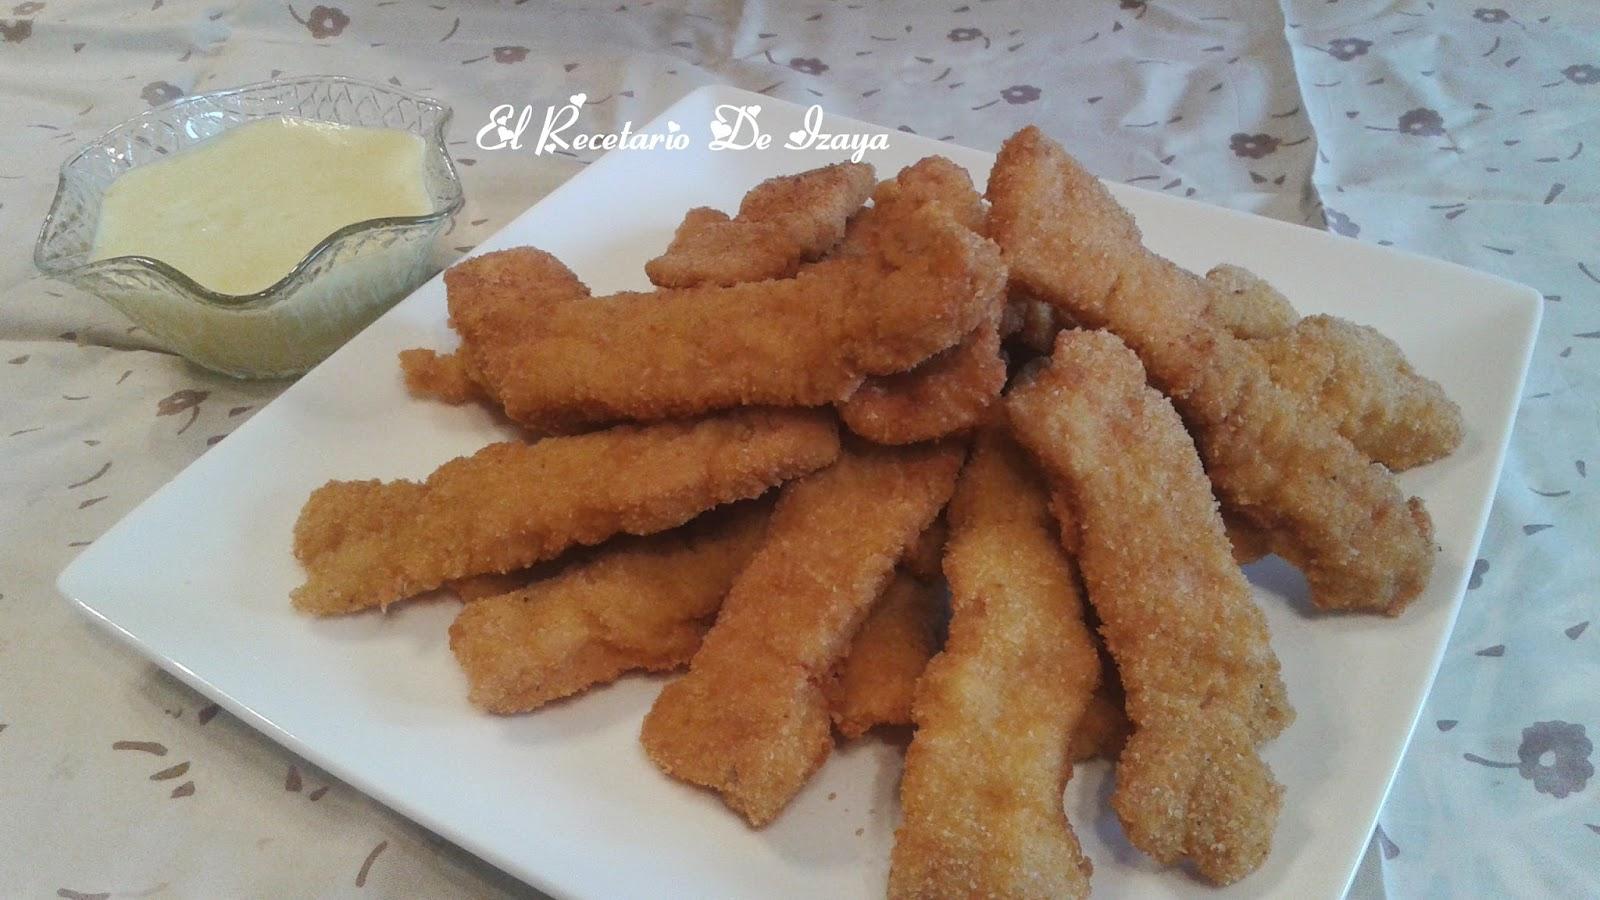 http://moduisa.blogspot.com.es/2015/02/pollo-empanado.html